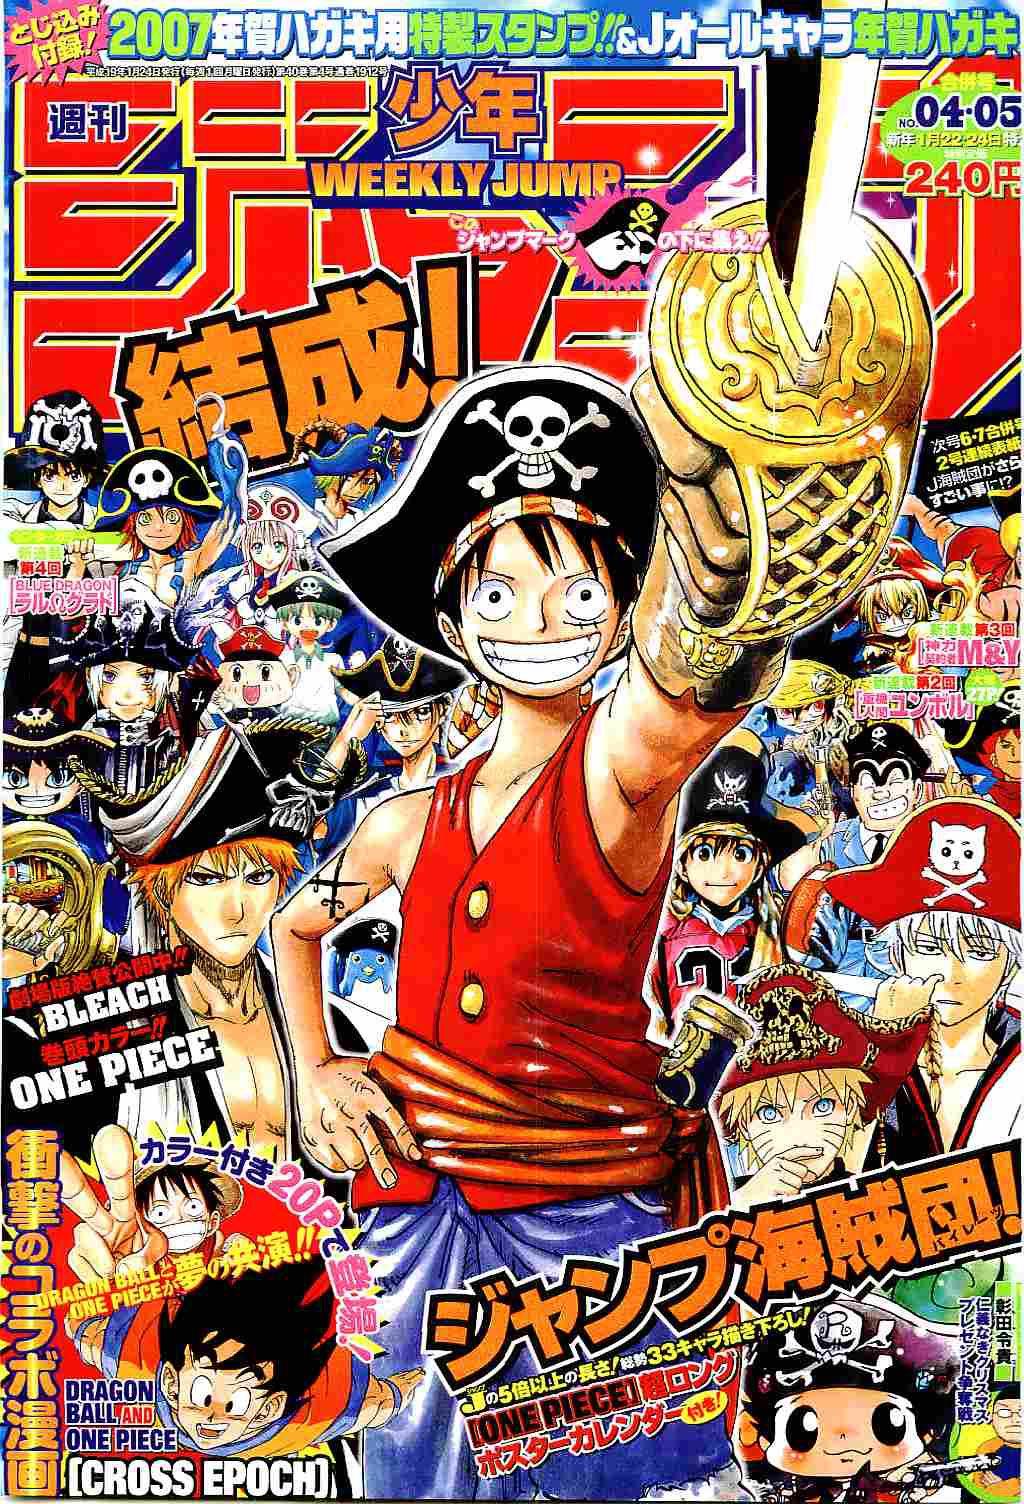 Манга One Piece / Ван Пис Манга One Piece Глава # 439 - Третий и Седьмой, страница 1